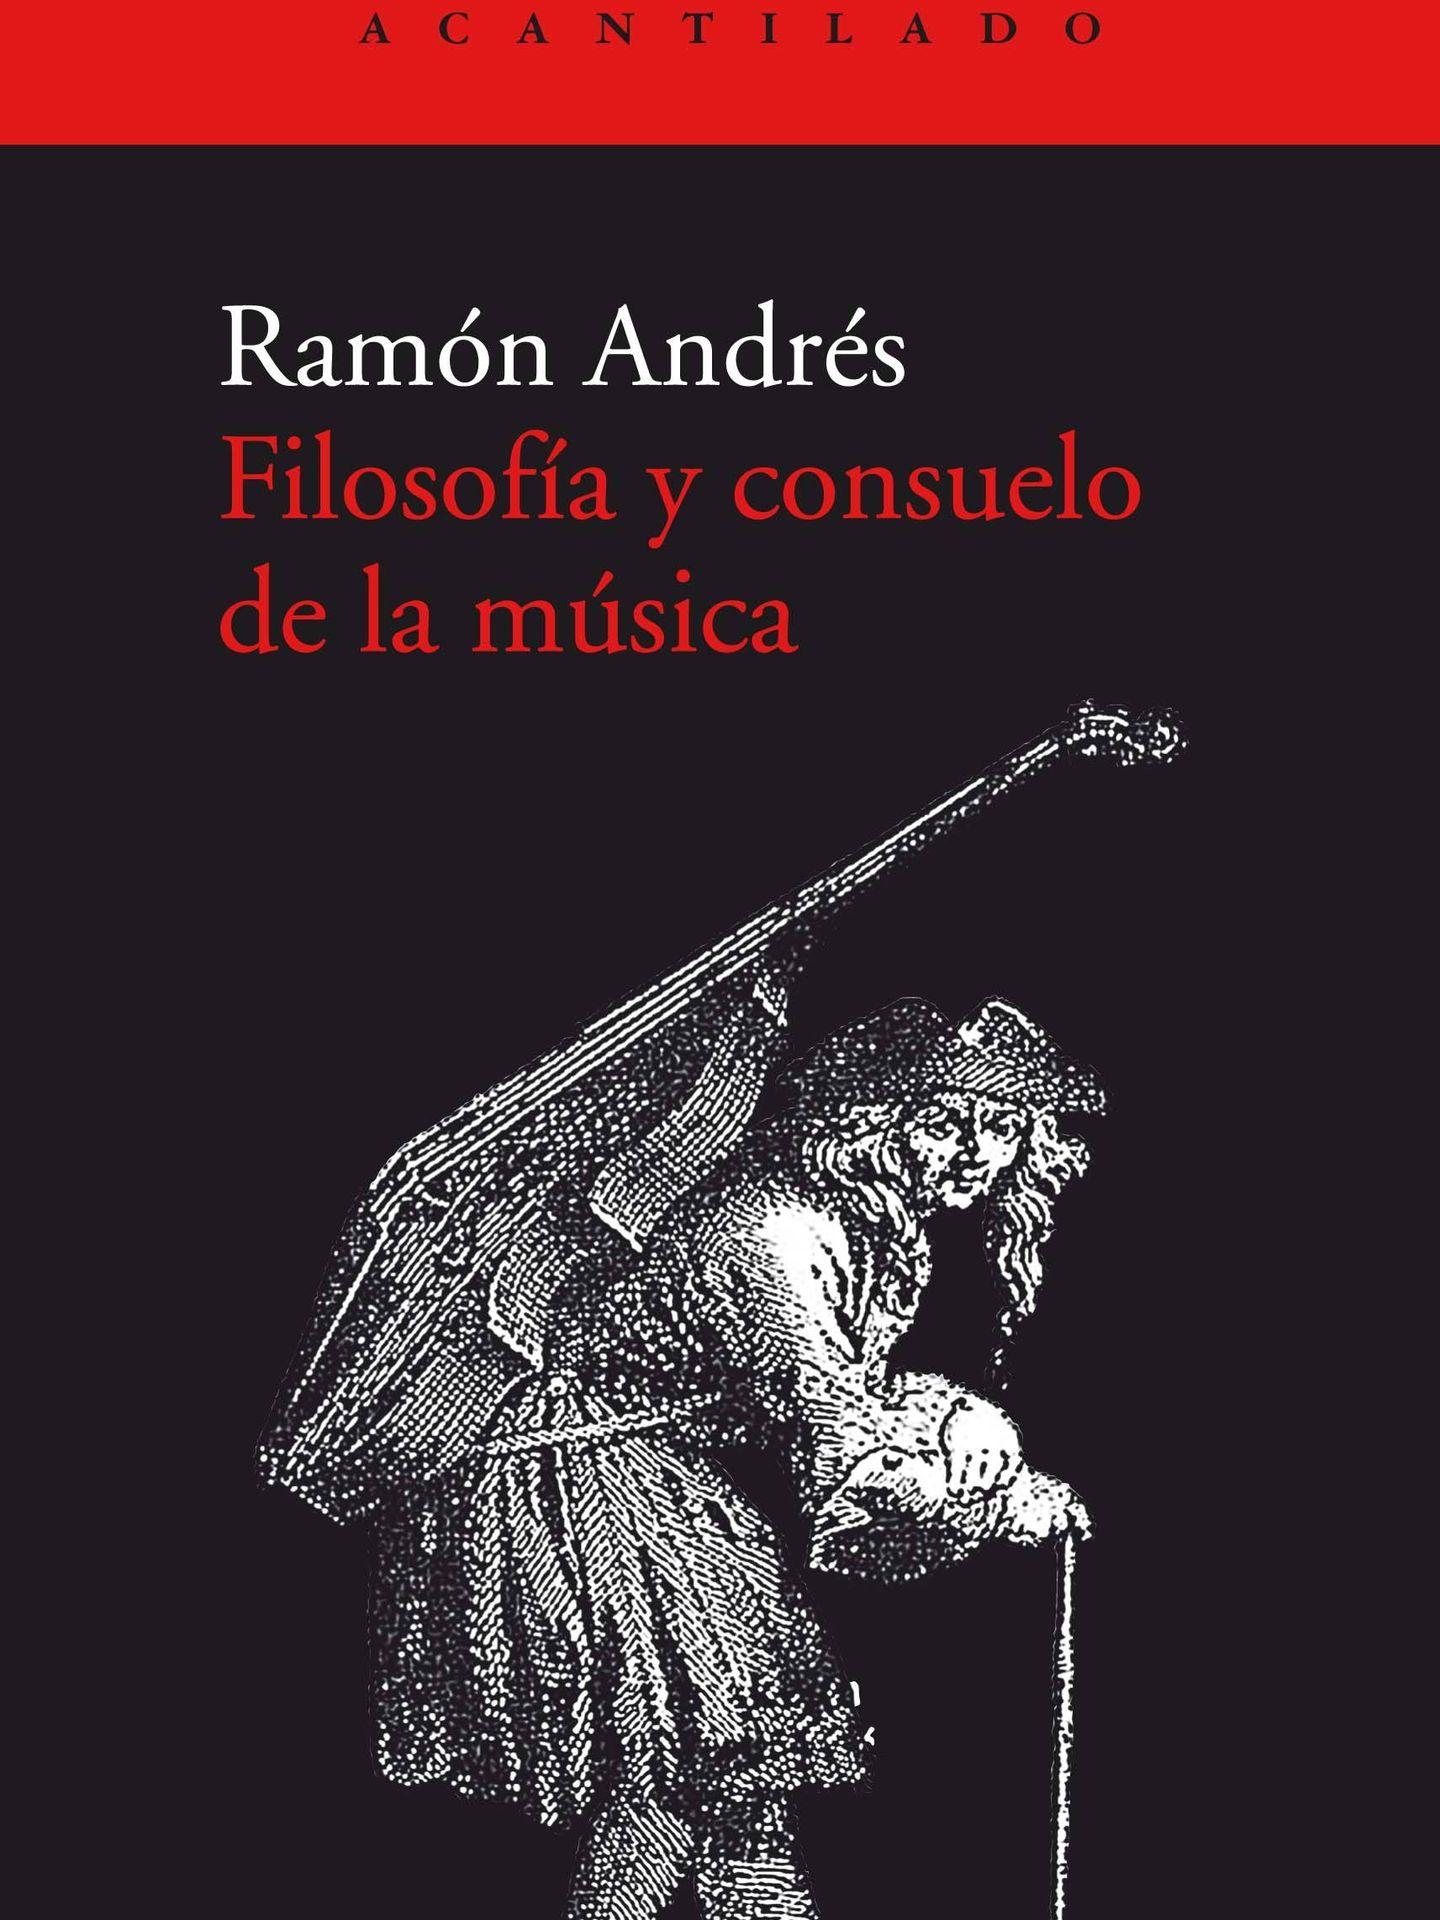 'Filosofía y consuelo de la música'.